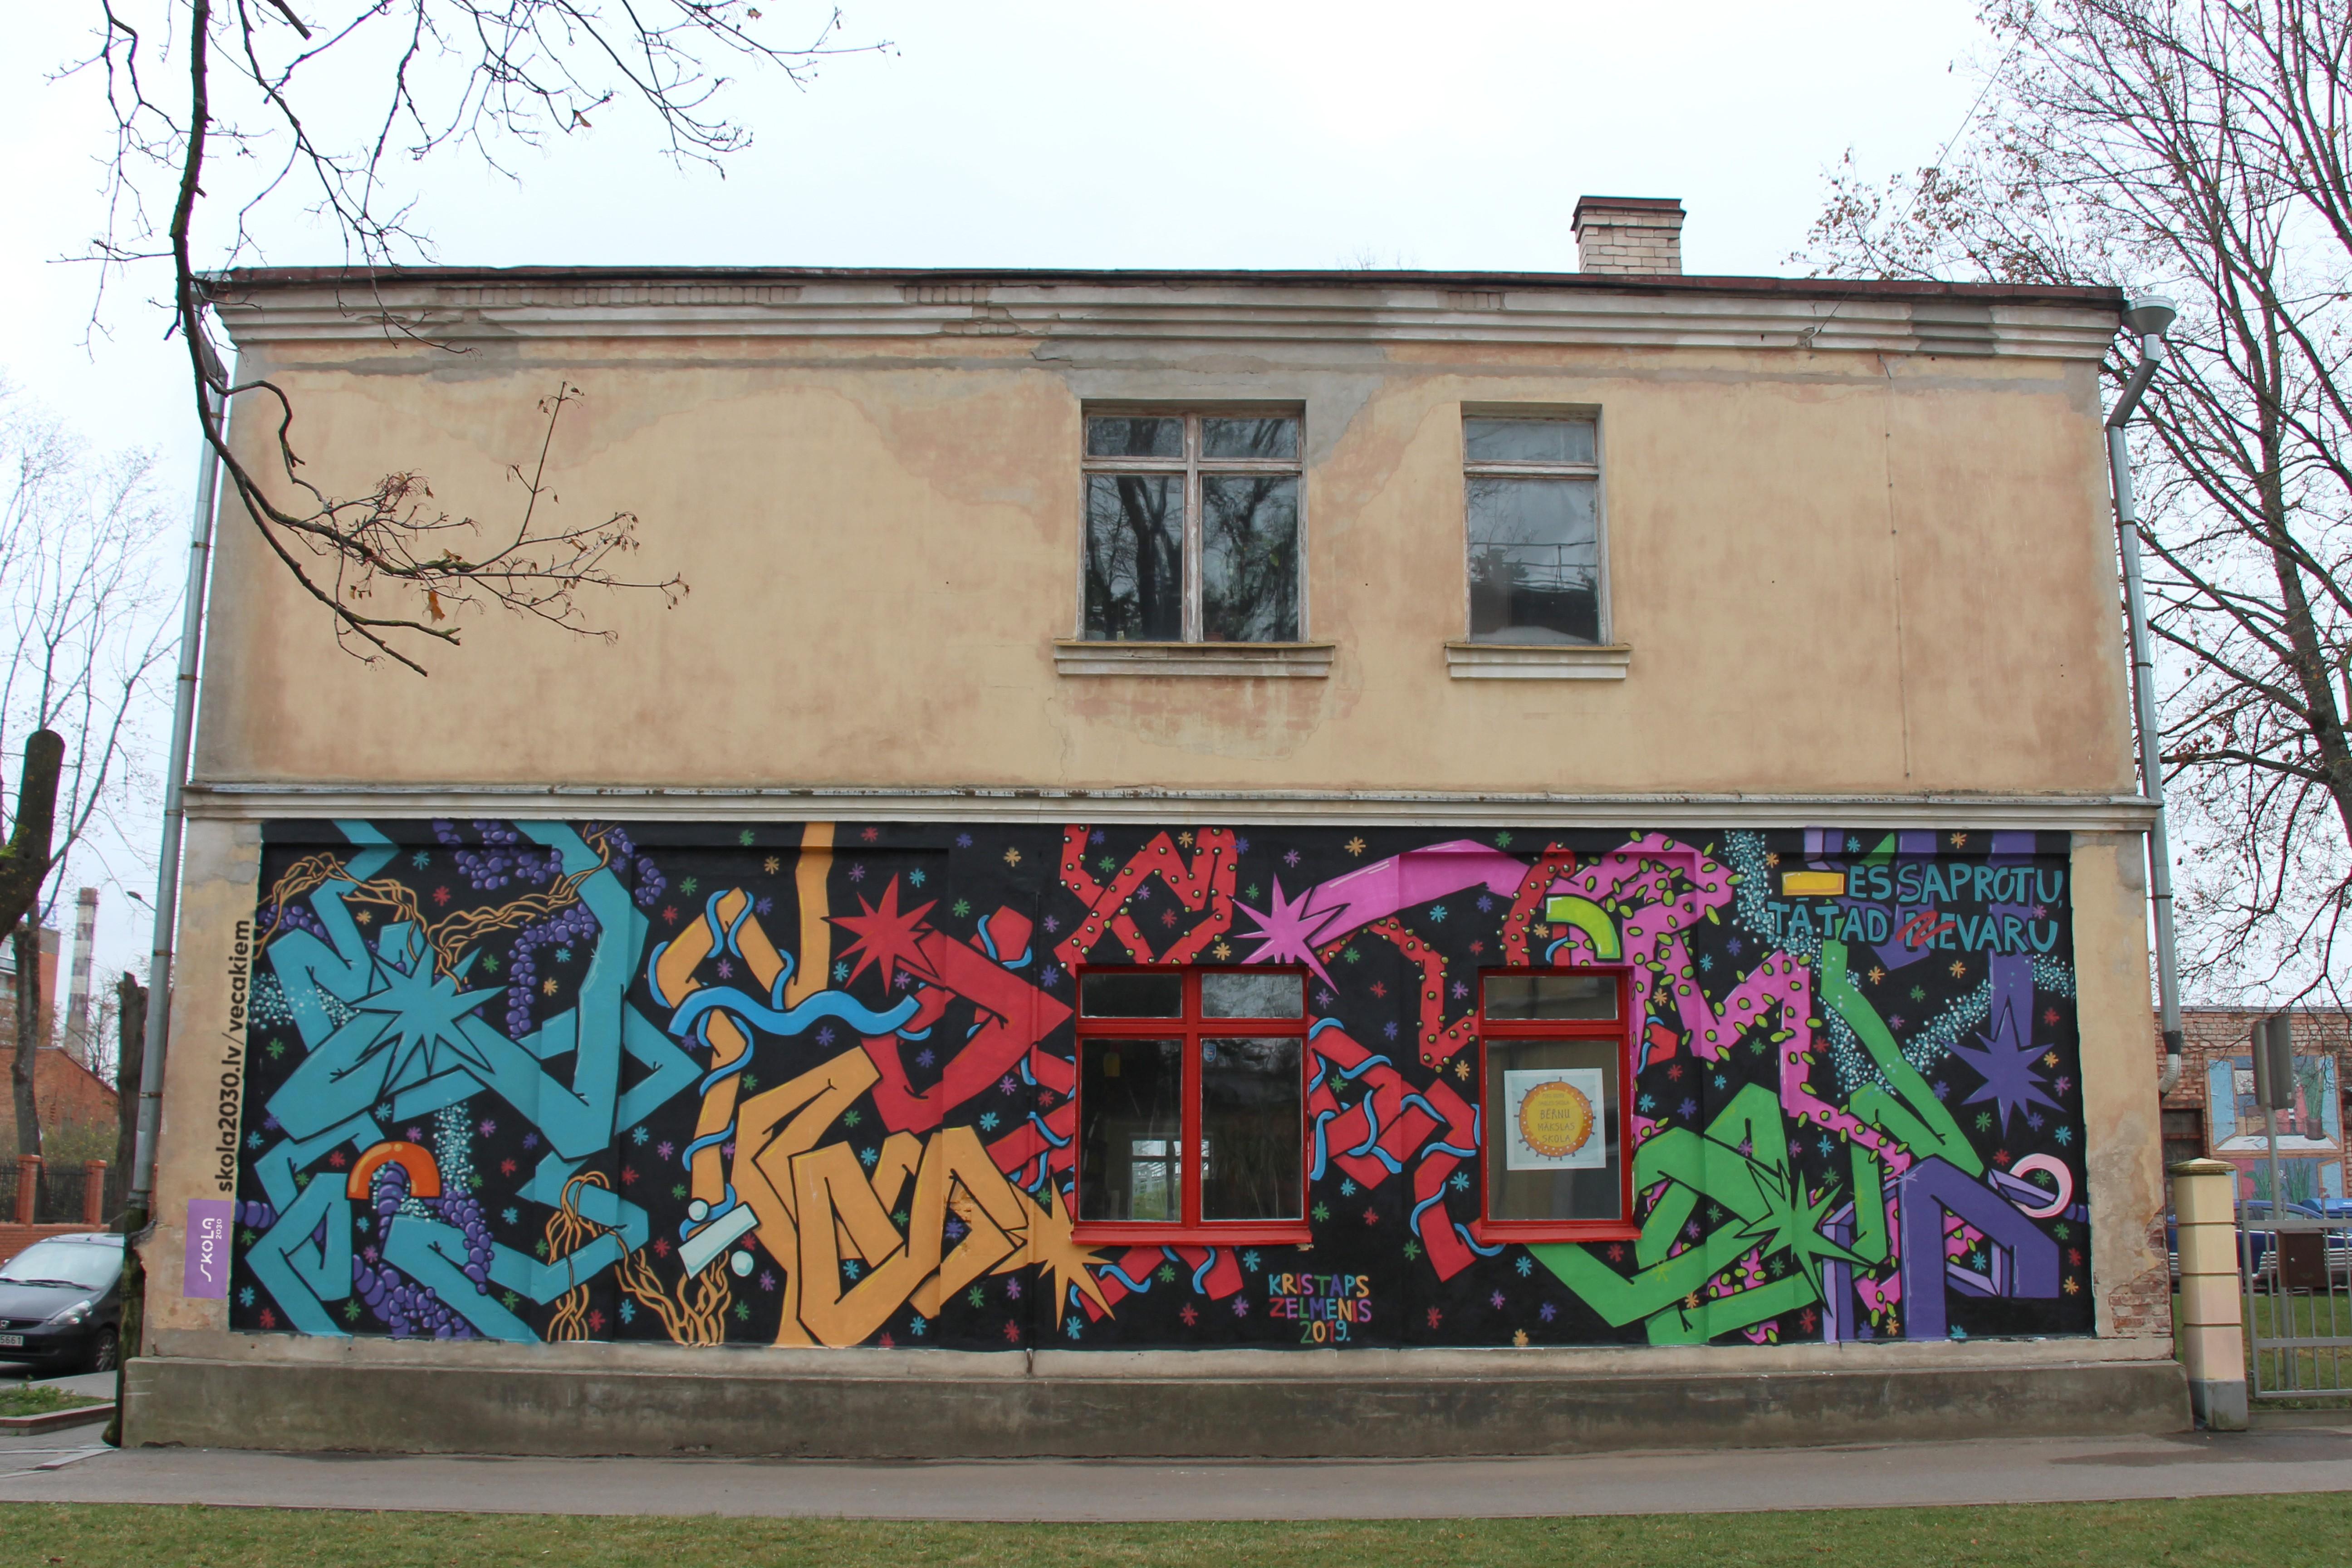 """Mākslinieks Kristaps Zelmenis kopā ar Daugavpils 3. vidusskolas un Daugavpils Dizaina un mākslas vidusskolas """"Saules skola"""" skolēniem ir radījis sienas zīmējumu, radošā veidā uzsverot – būtiska ir kvalitatīvas izglītības pieejamība katram skolēnam Latvijā."""